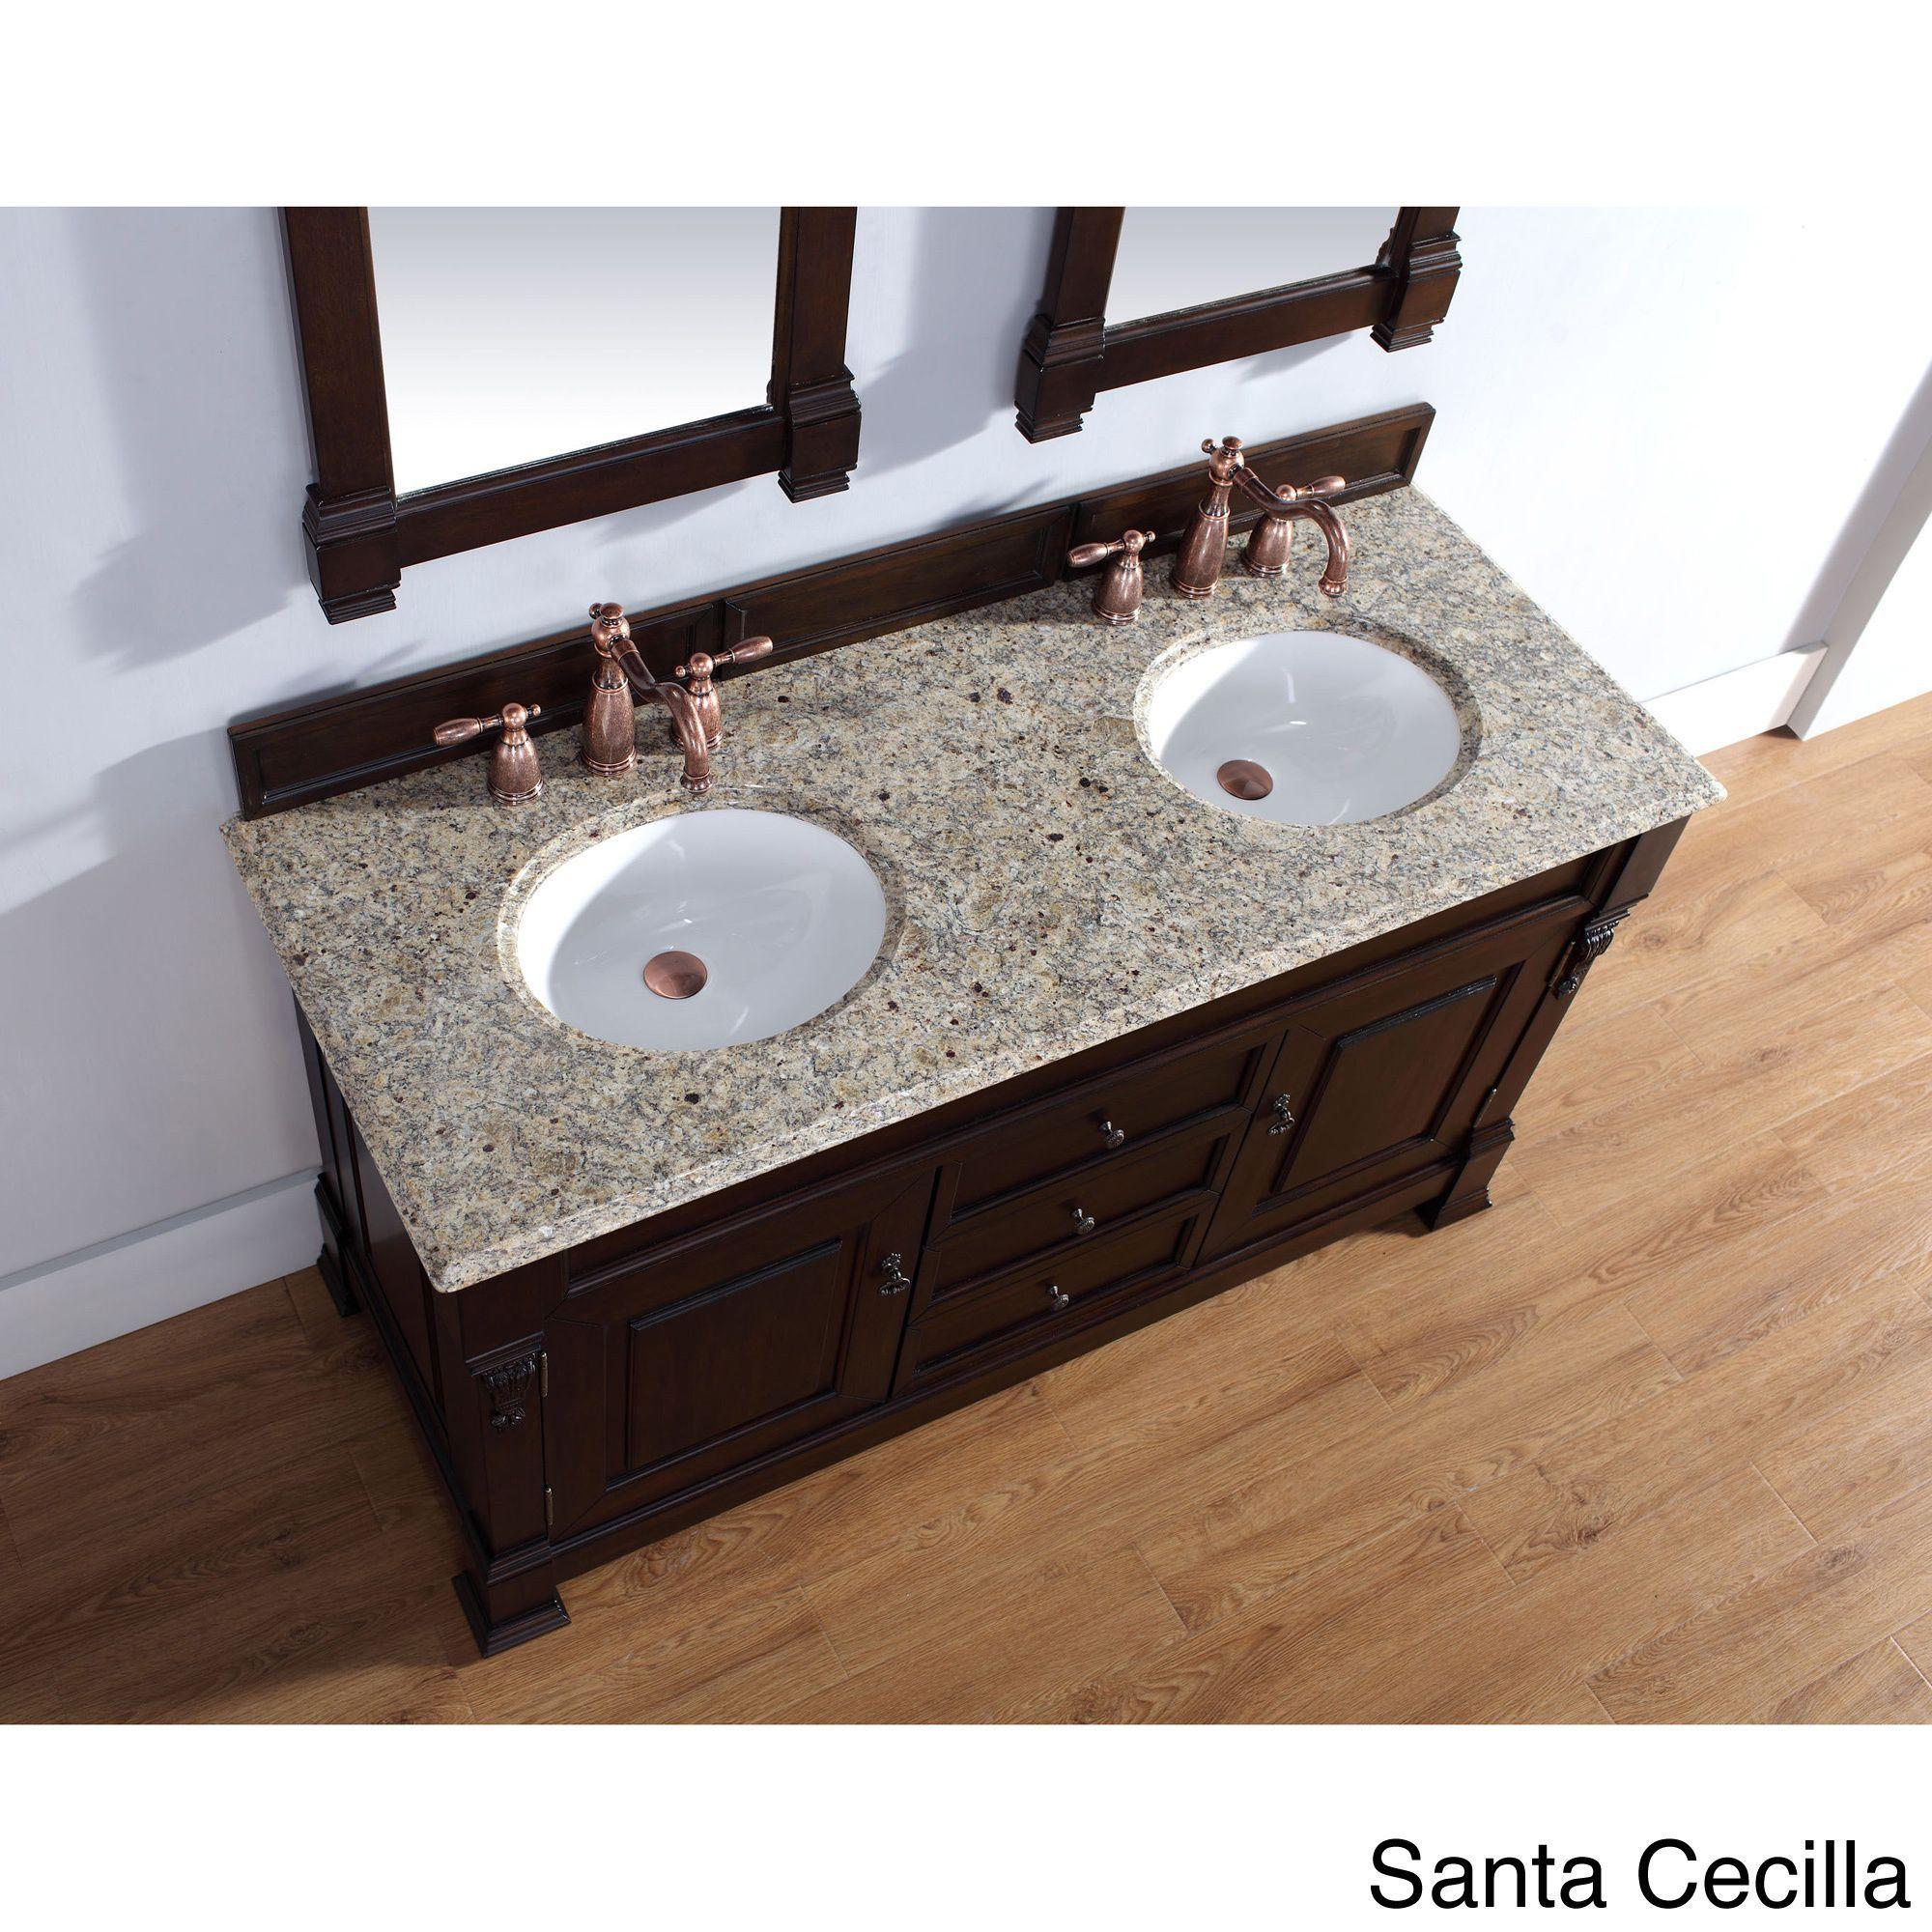 James Martin Furniture Brookfield Mahogany Double Vanity (60 Brookfield Mah Van - Santa Cecilla Top), Beige, Size Double Vanities